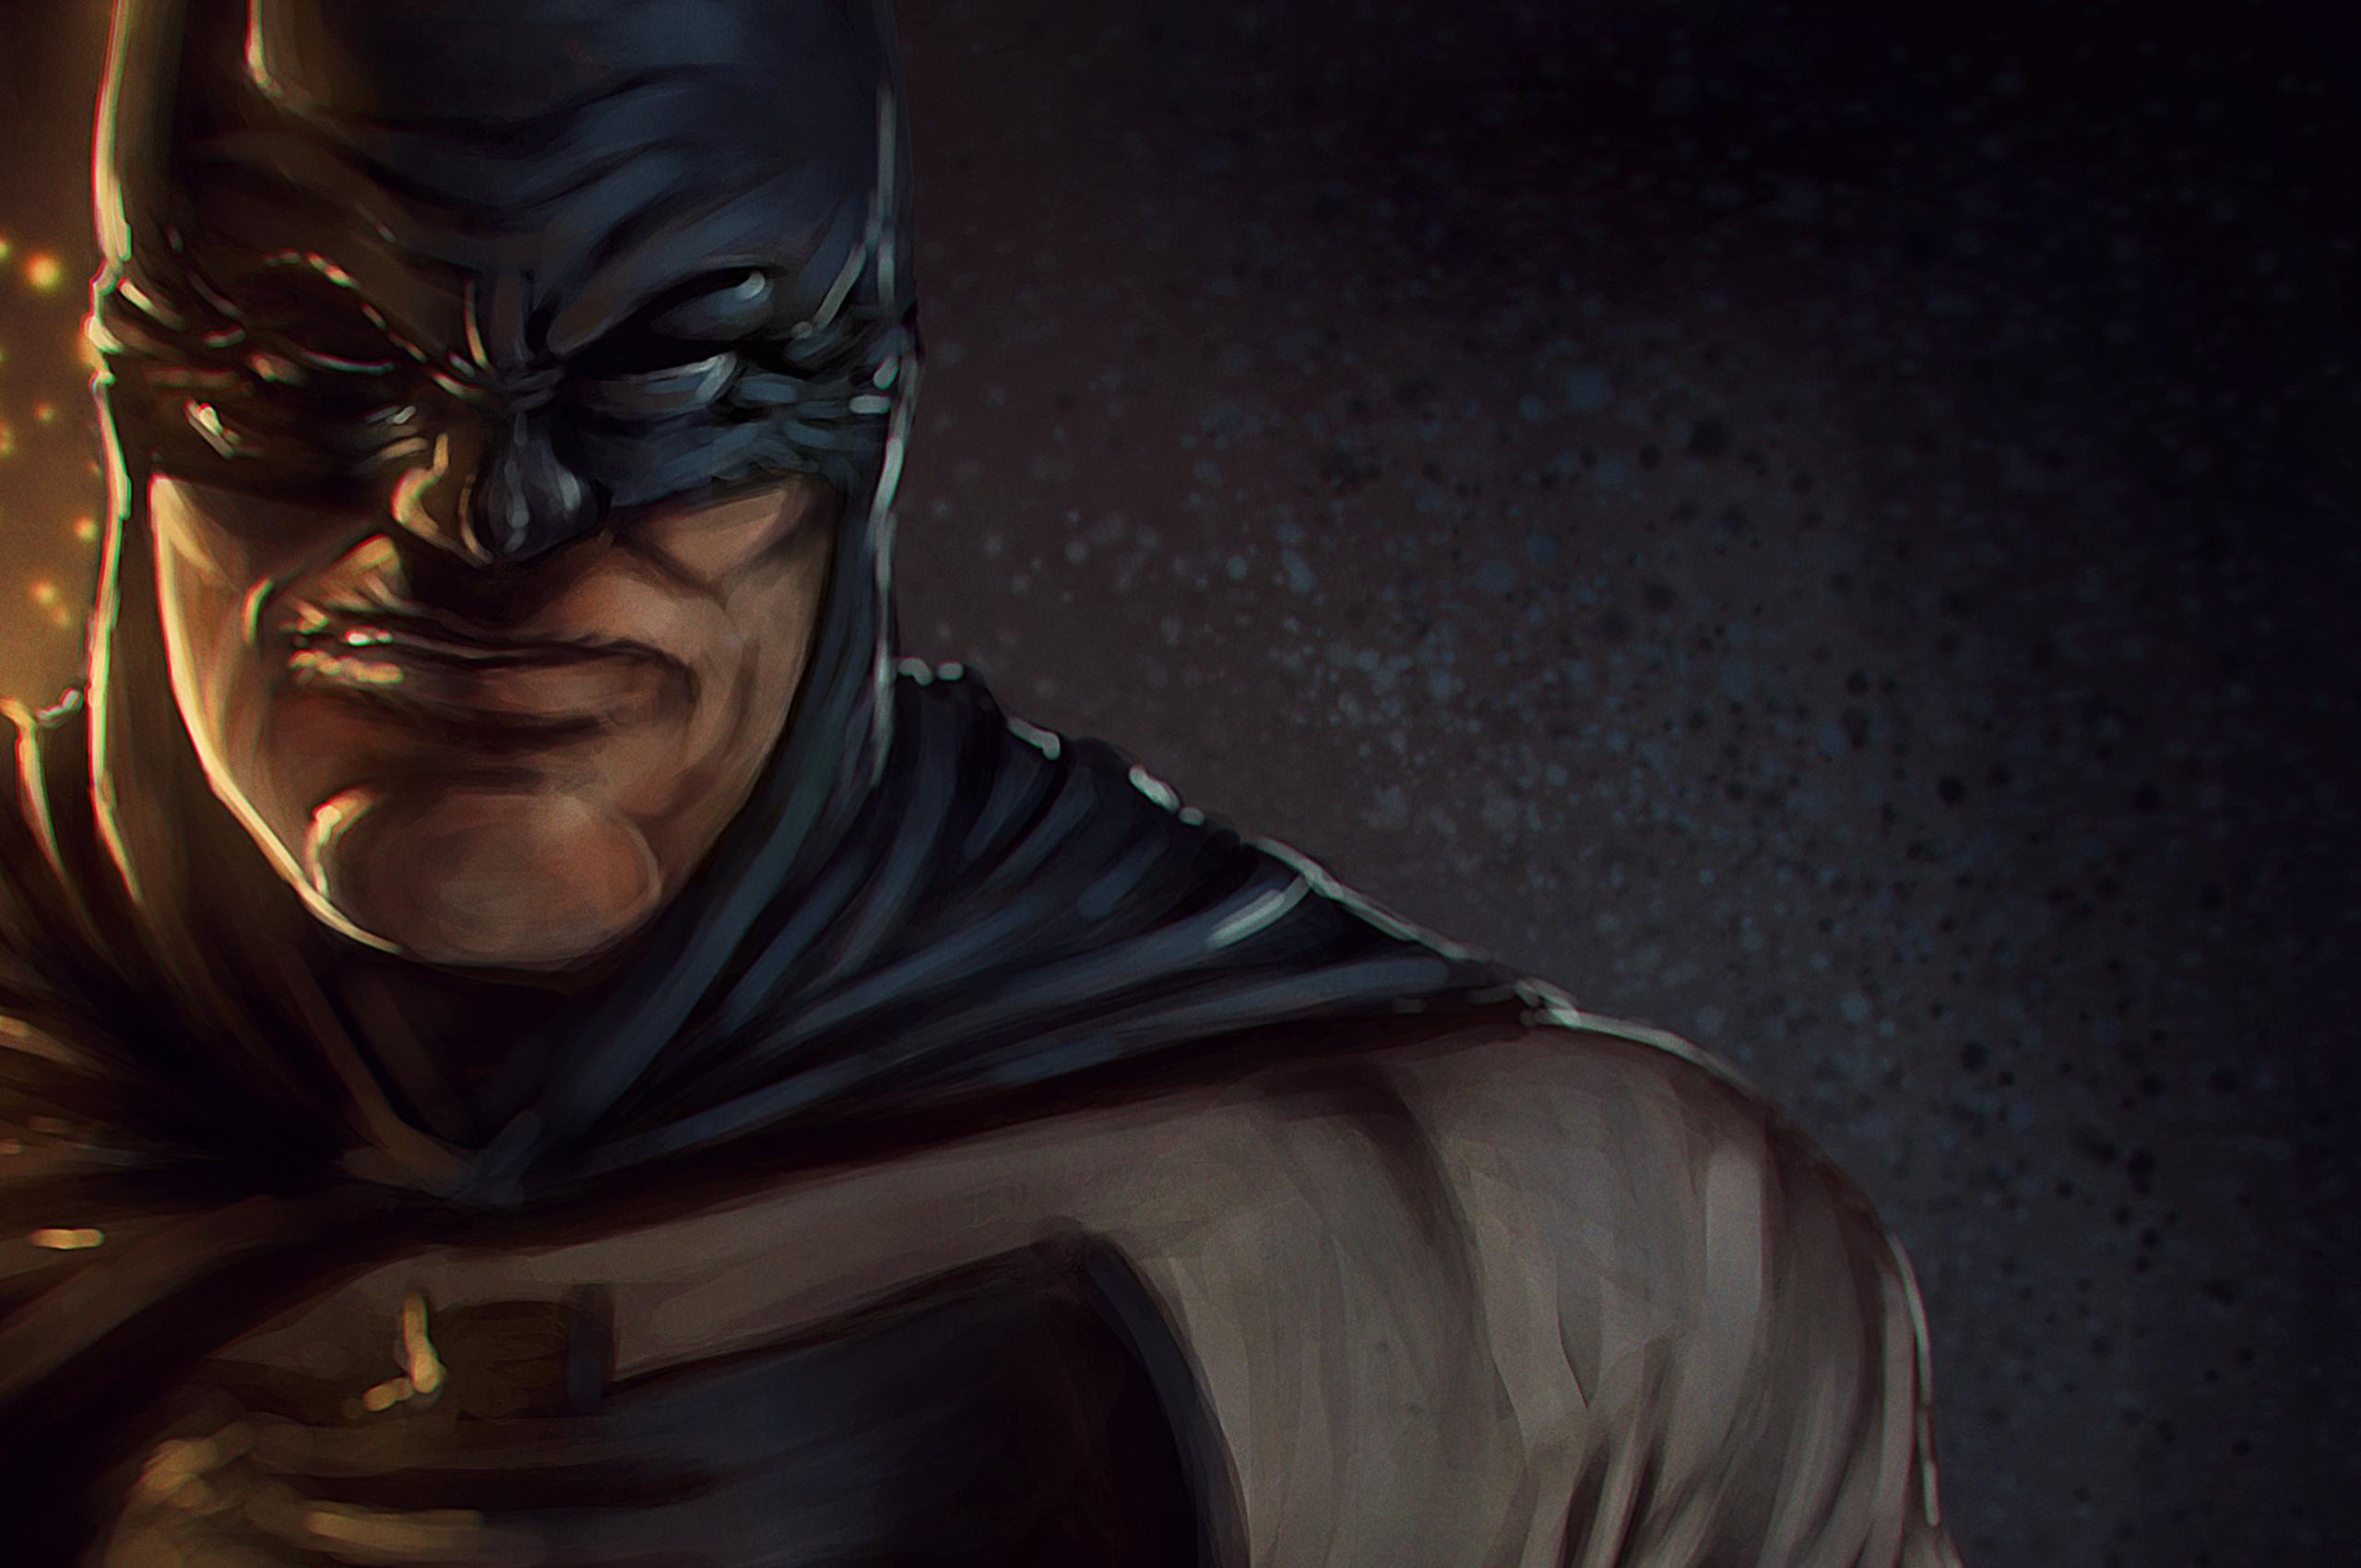 2560x1700 The Dark Knight Returns Art Chromebook Pixel Hd 4k